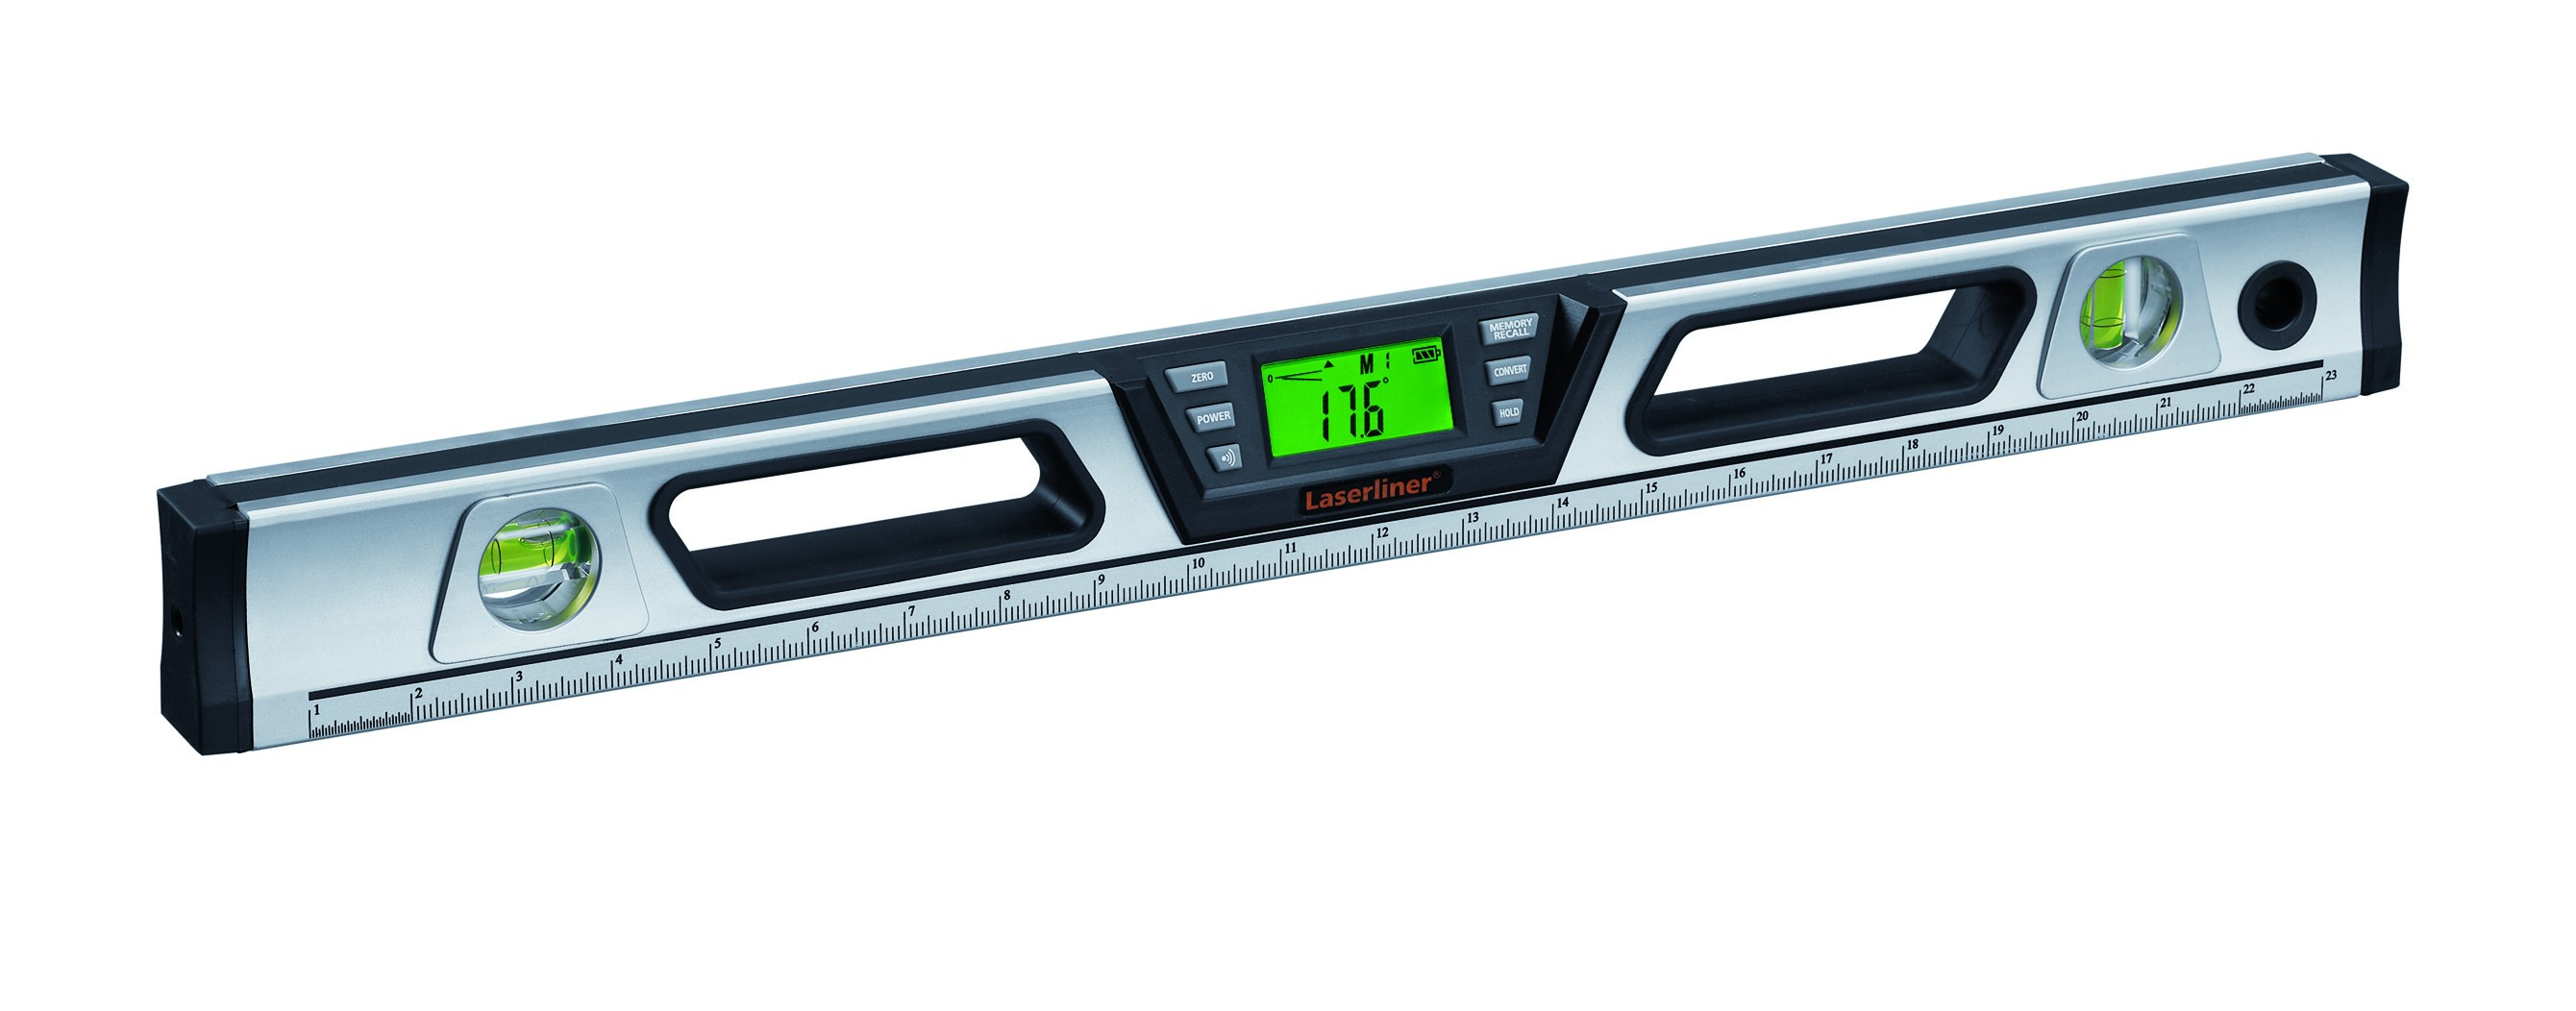 Αλφάδι Ψηφιακό DigiLevel Pro 60 Laserliner